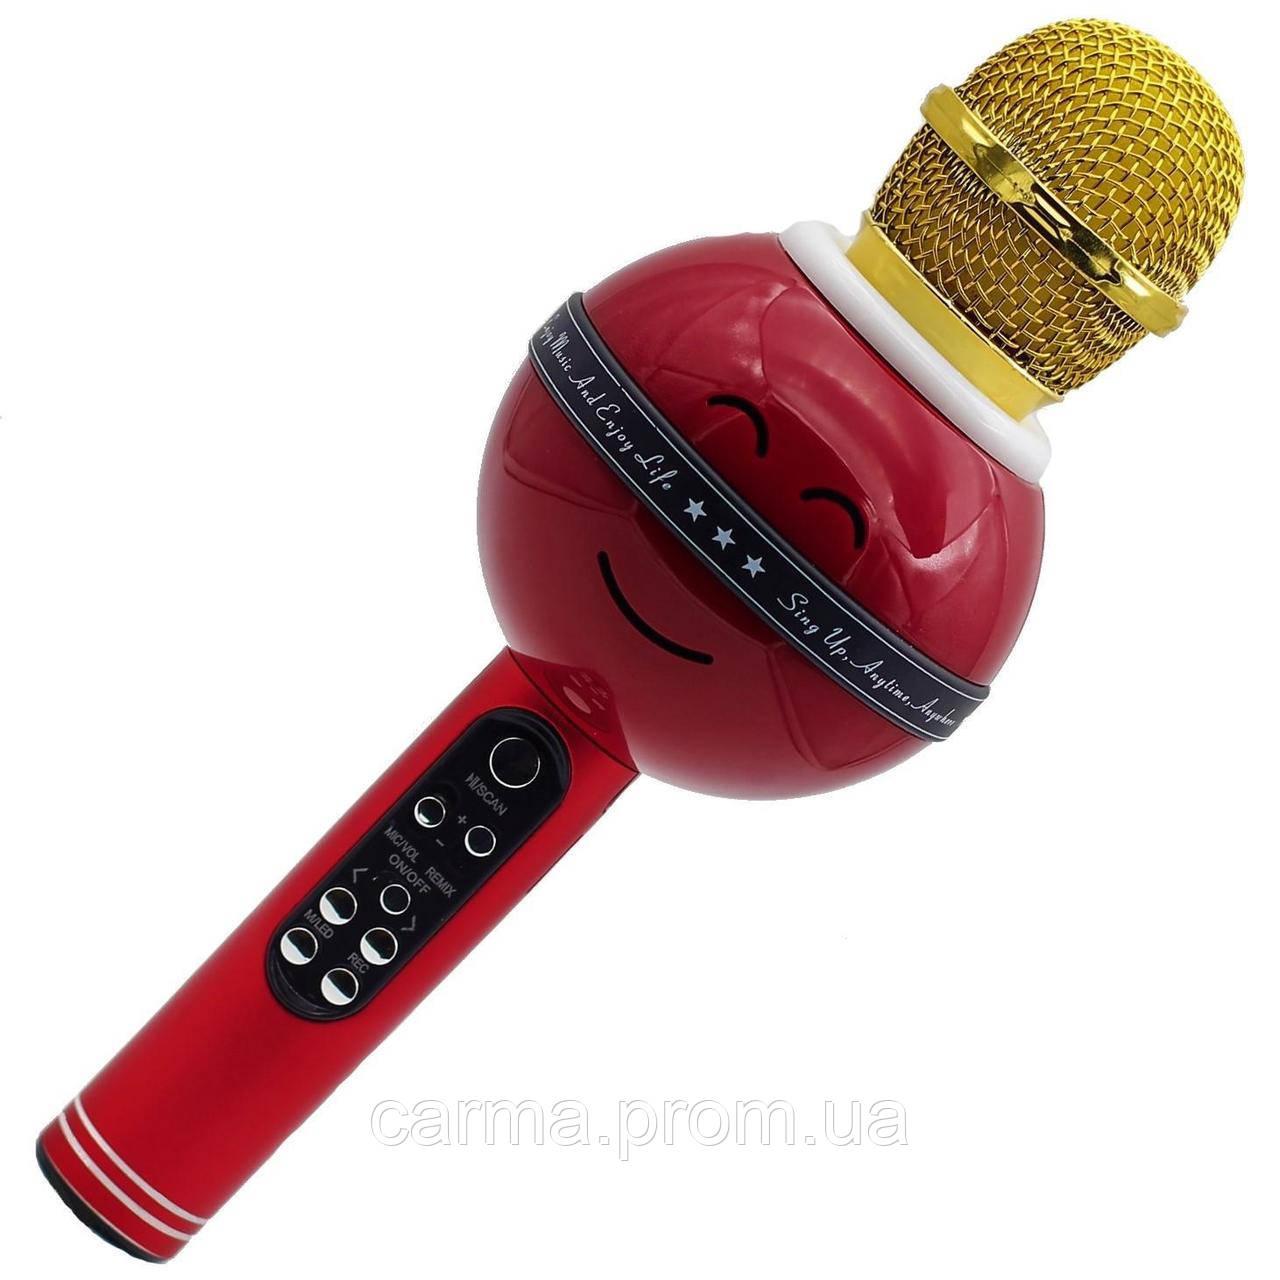 Караоке микрофон Wster WS 878 Красный